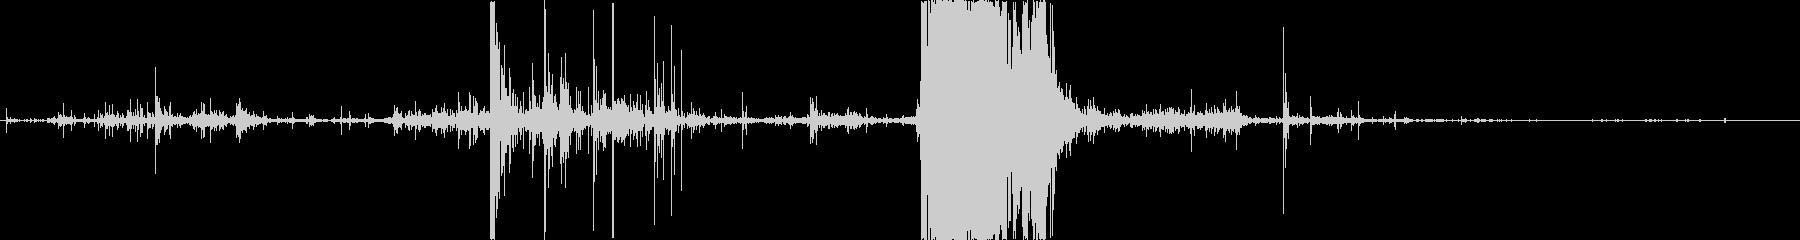 アイスブレイク:アイスケイブとショ...の未再生の波形